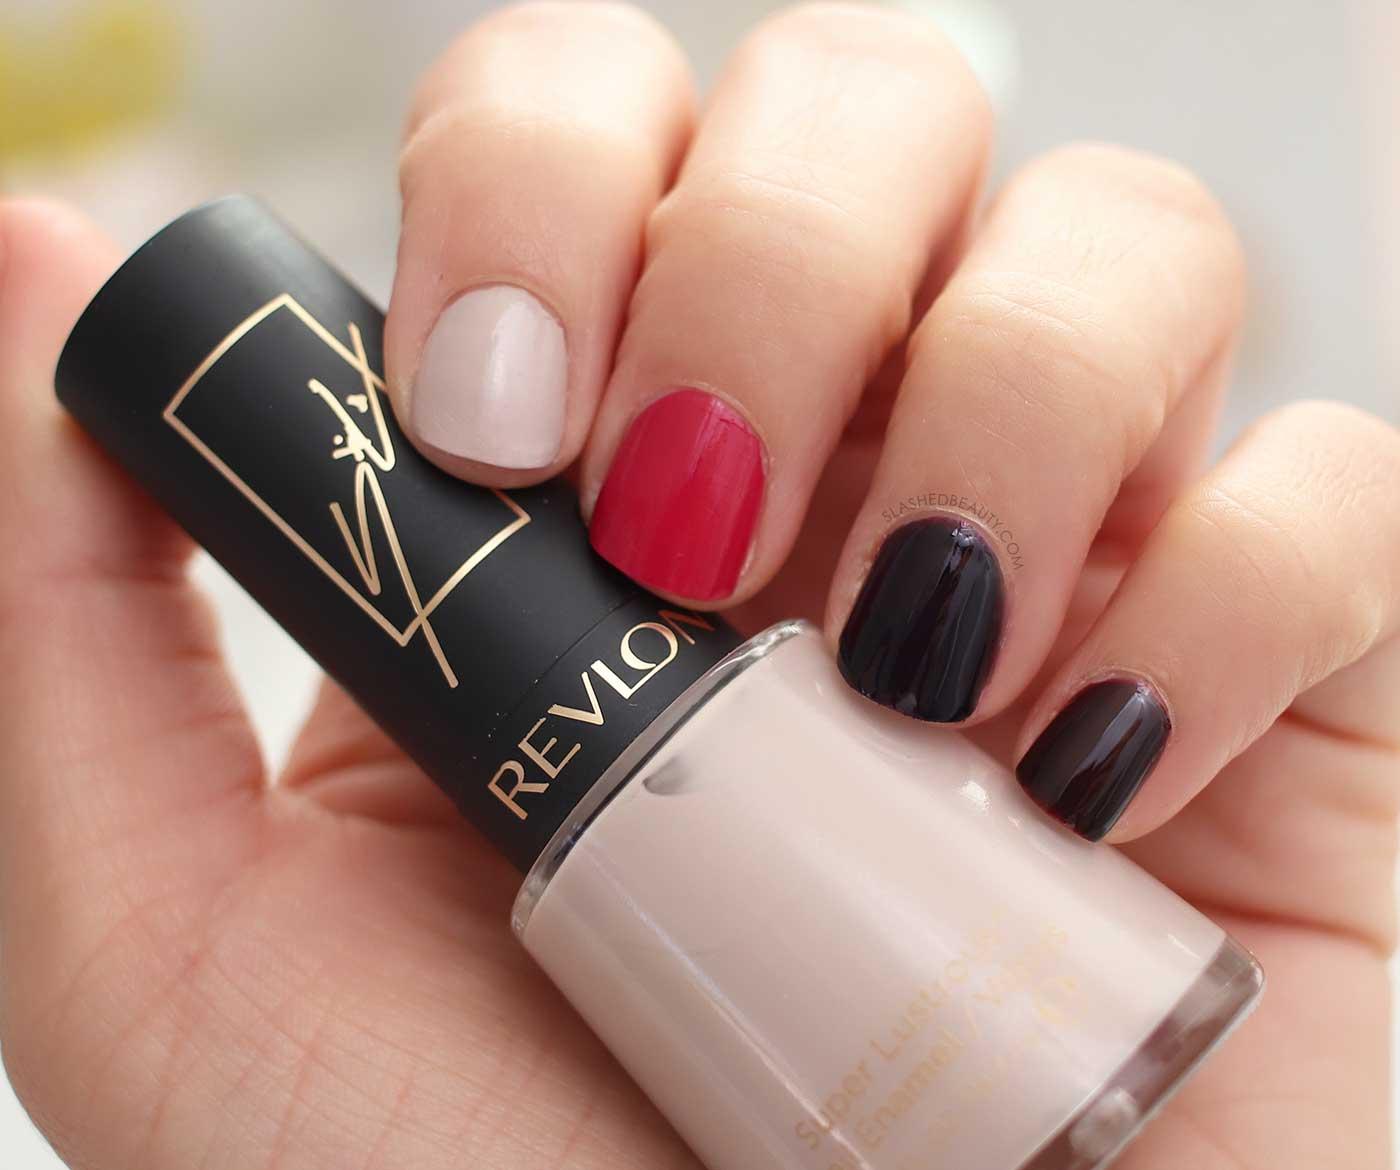 Revlon x Sofia Carson Nail Polish Swatches | Slashed Beauty